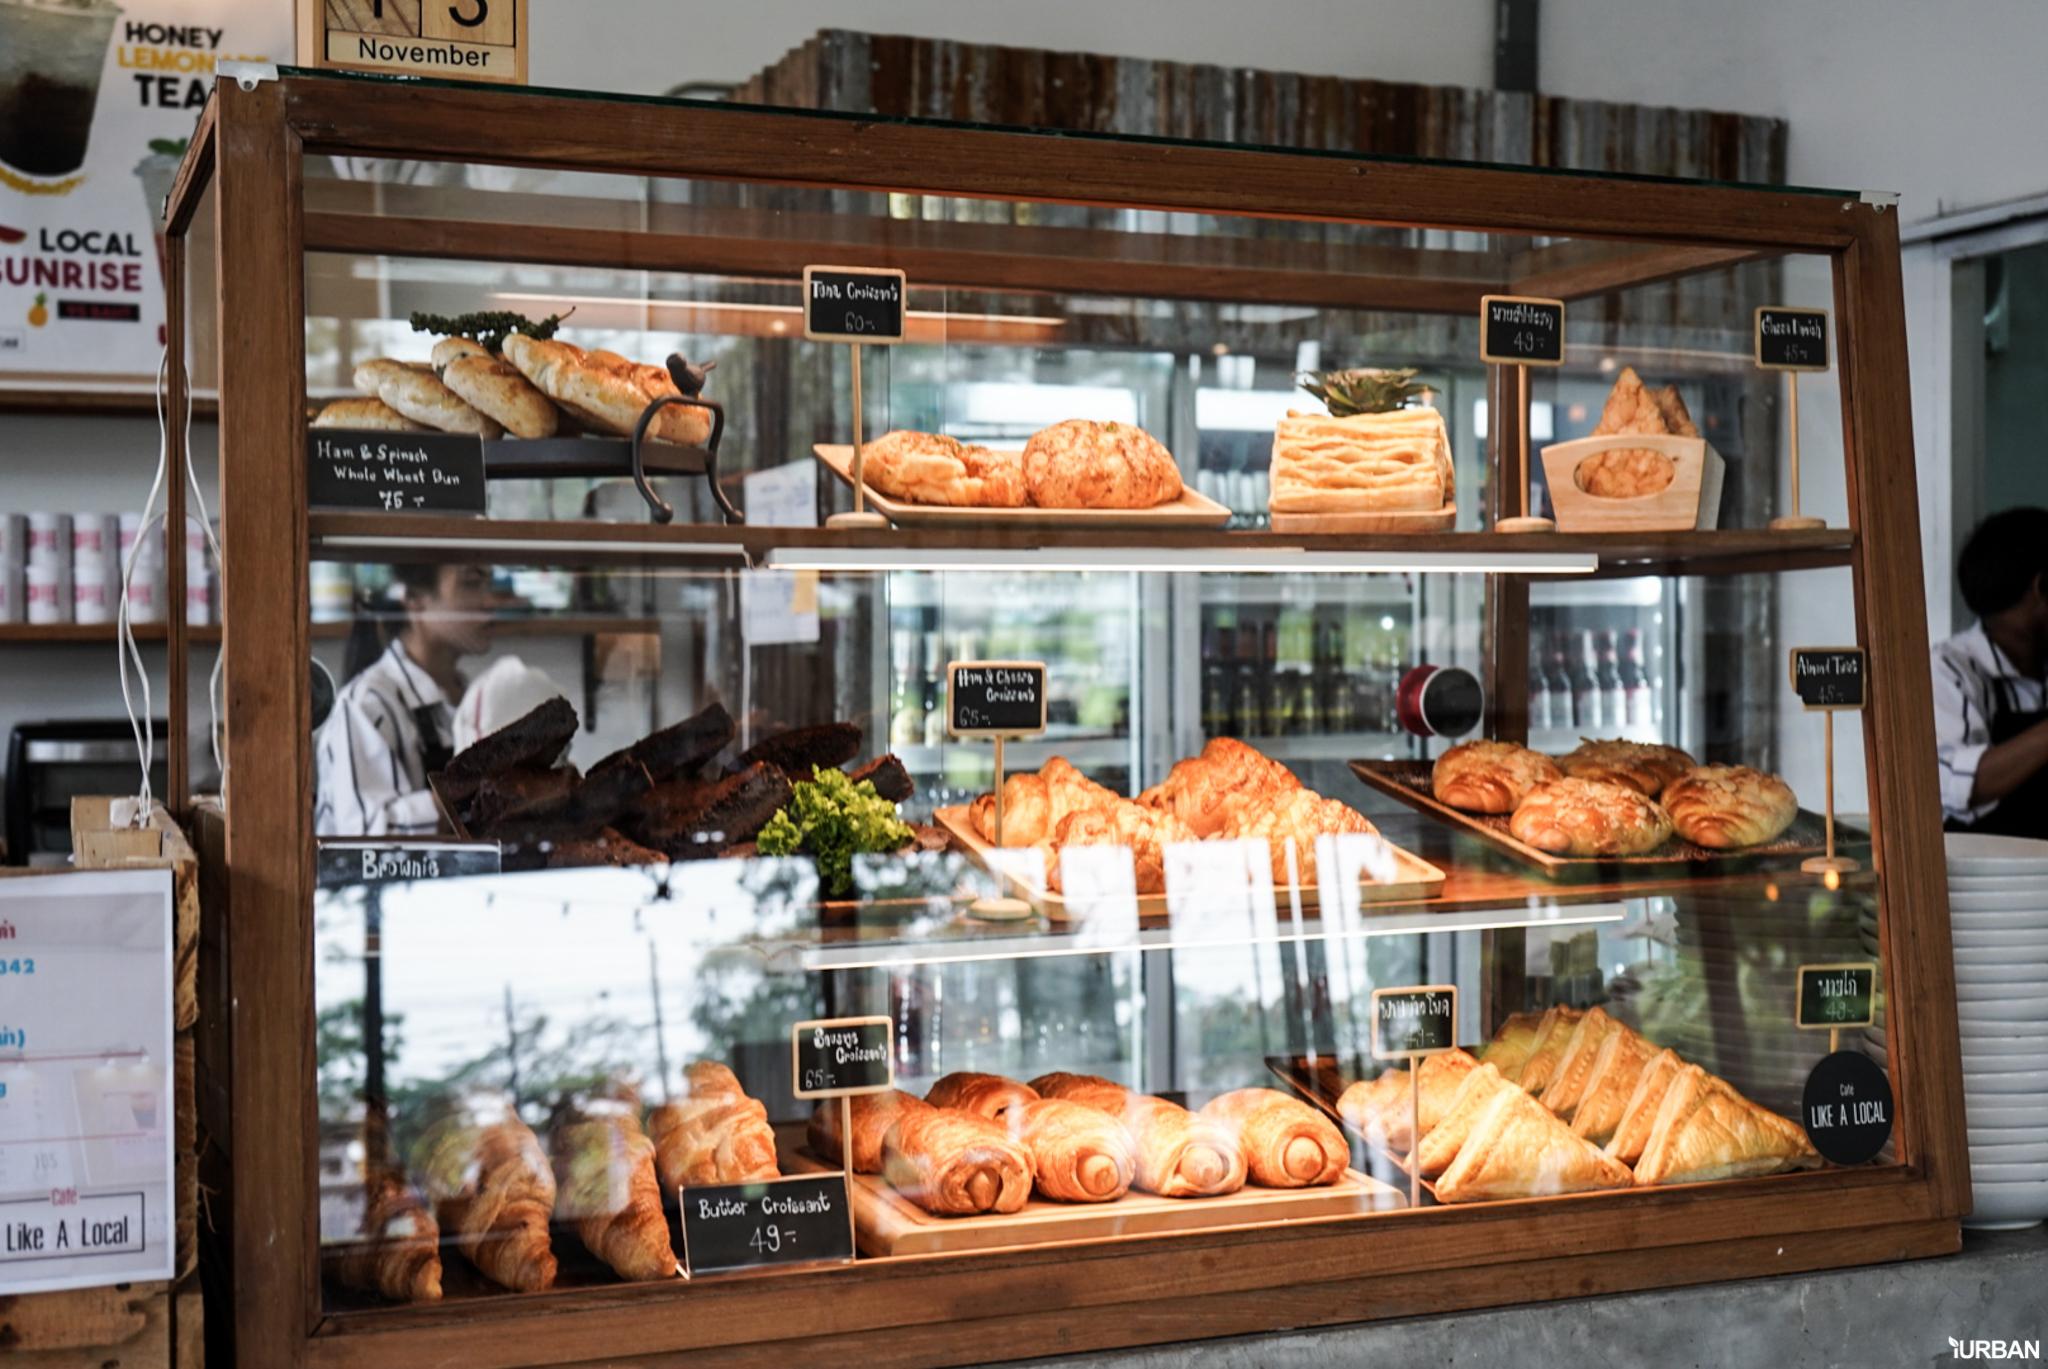 14 ร้านกาแฟ ม.เกษตร คาเฟ่สไตล์นักศึกษาและคนทำงาน + สำรวจ Co-Working Space ที่ KENSINGTON KASET CAMPUS (เคนซิงตัน เกษตร แคมปัส) 101 - cafe